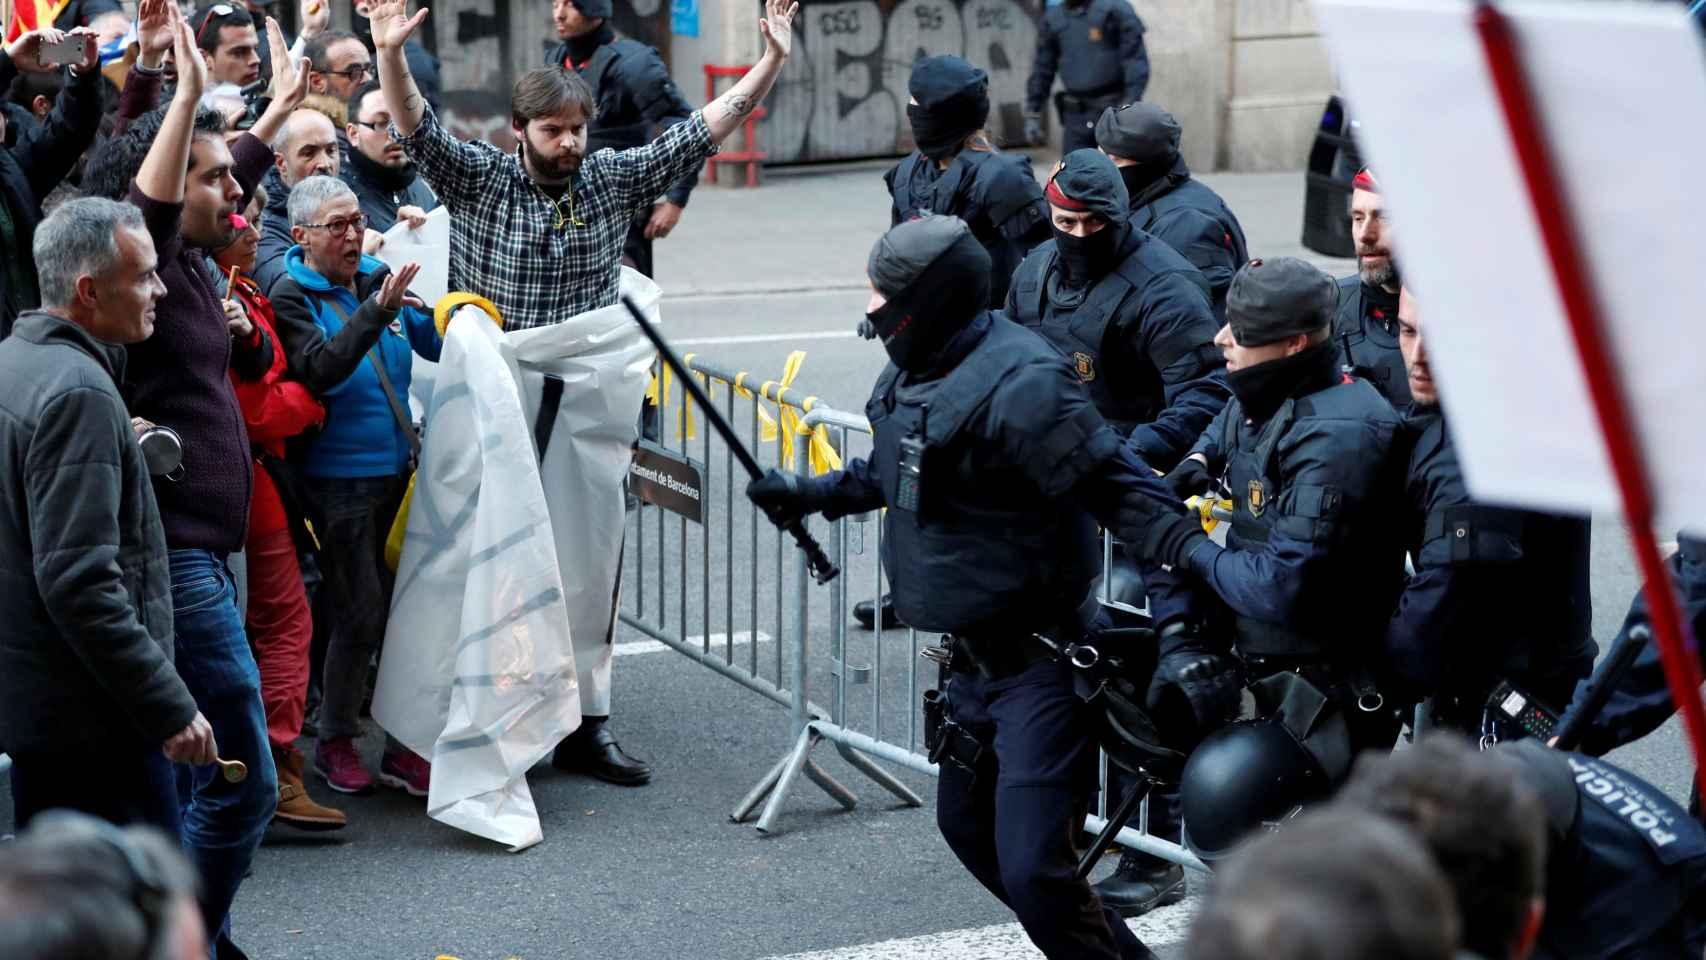 El Mobile World Congress, que mañana abre sus puertas en Barcelona a todos los asistentes al mayor congreso de telefonía móvil, ha servido a los independentistas para lanzarse a las calles para mostrar su desacuerdo con la visita de Felipe VI a la inauguración celebrada este domingo.